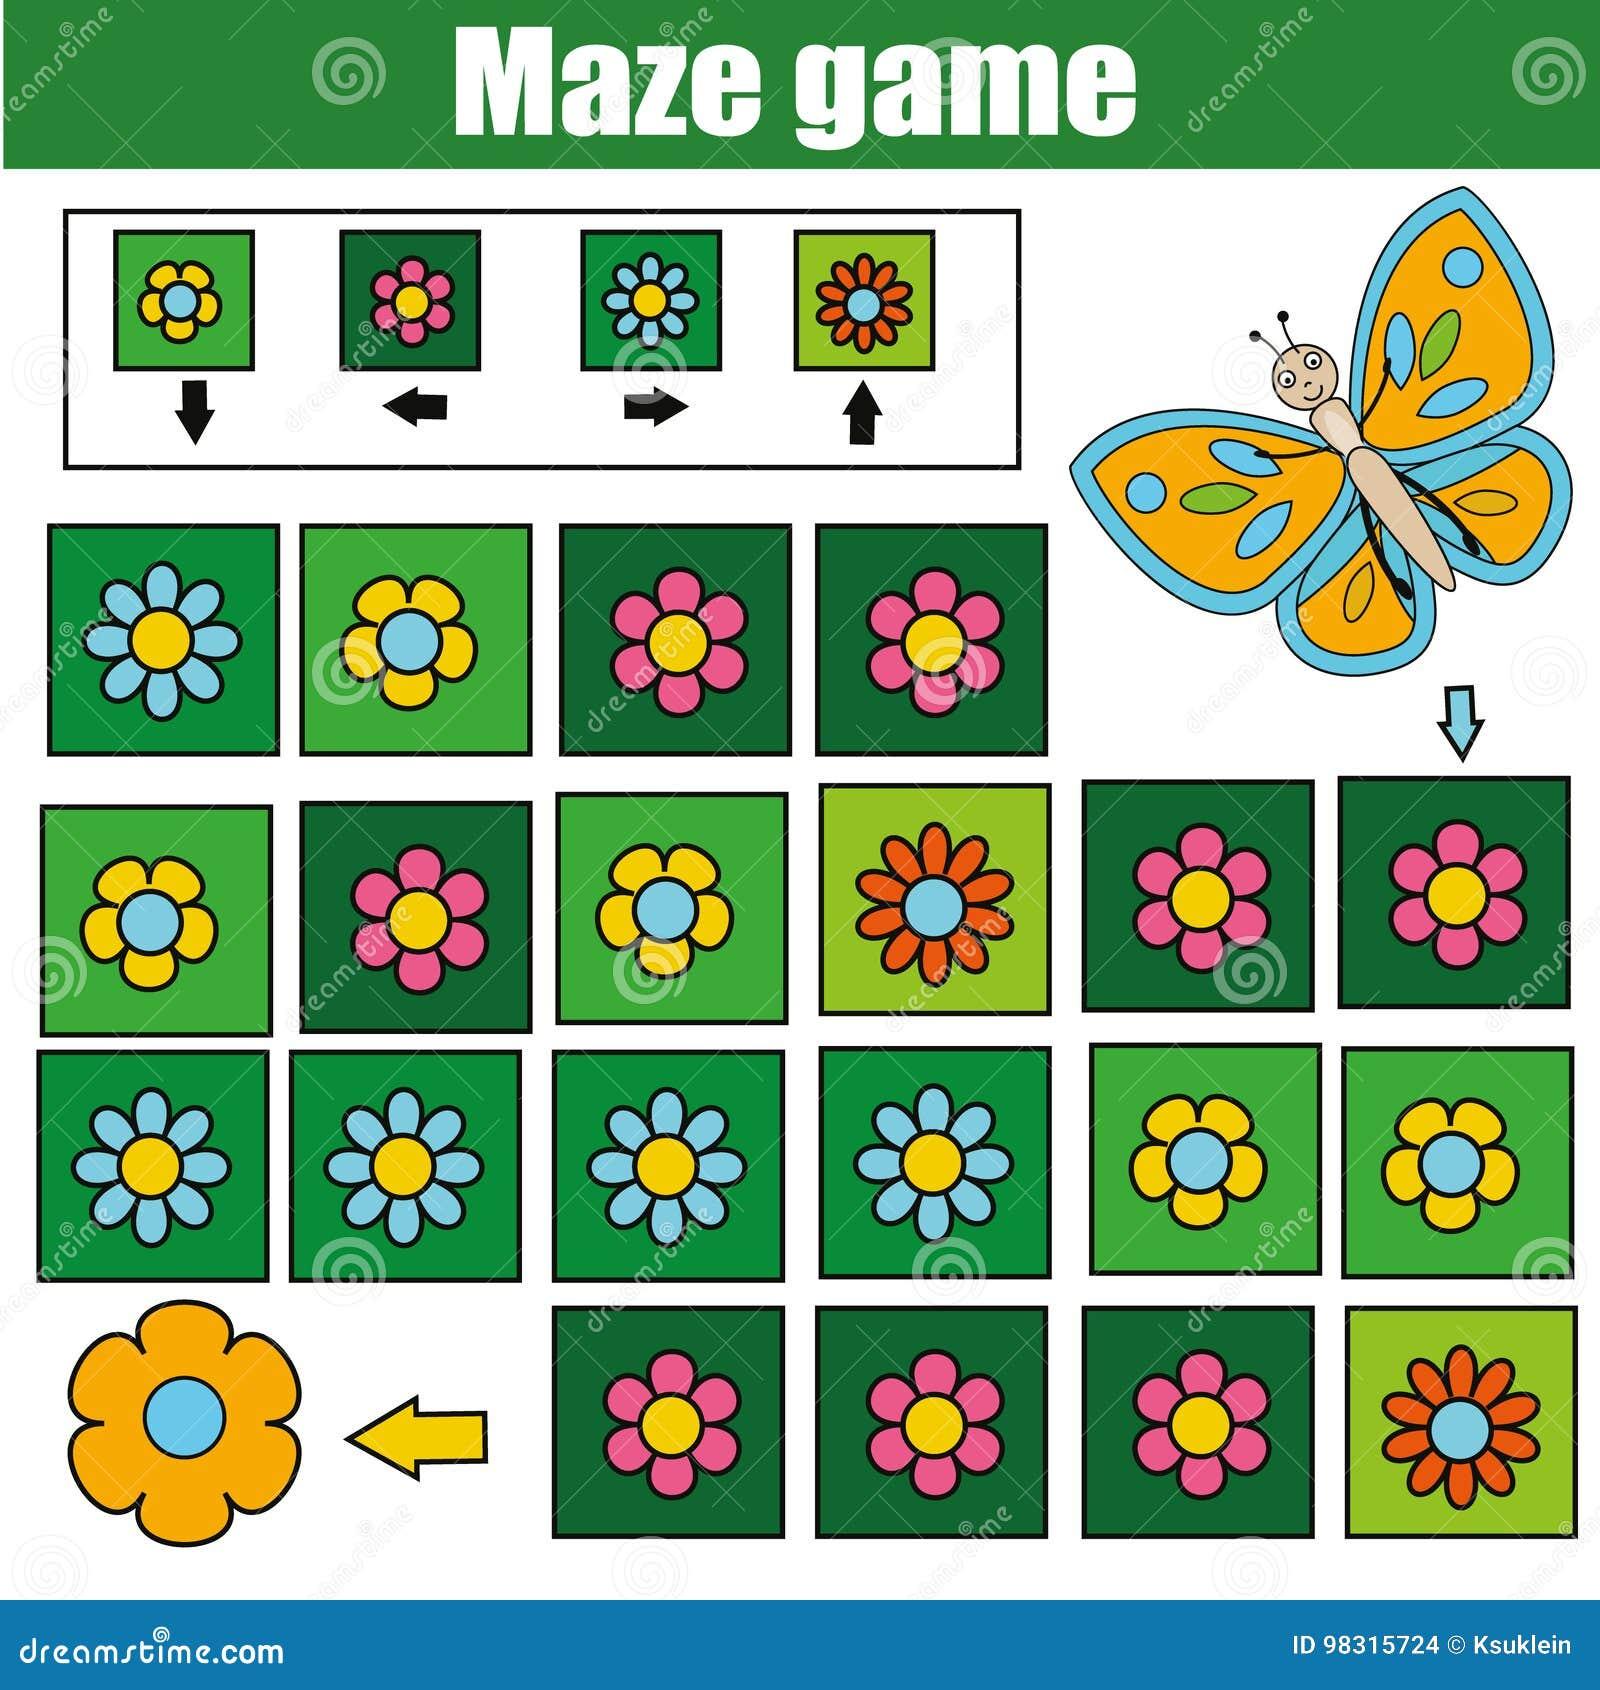 Παιχνίδι λαβυρίνθου, θέμα ζώων Φύλλο δραστηριότητας παιδιών Λαβύρινθος λογικής με τη ναυσιπλοΐα κώδικα